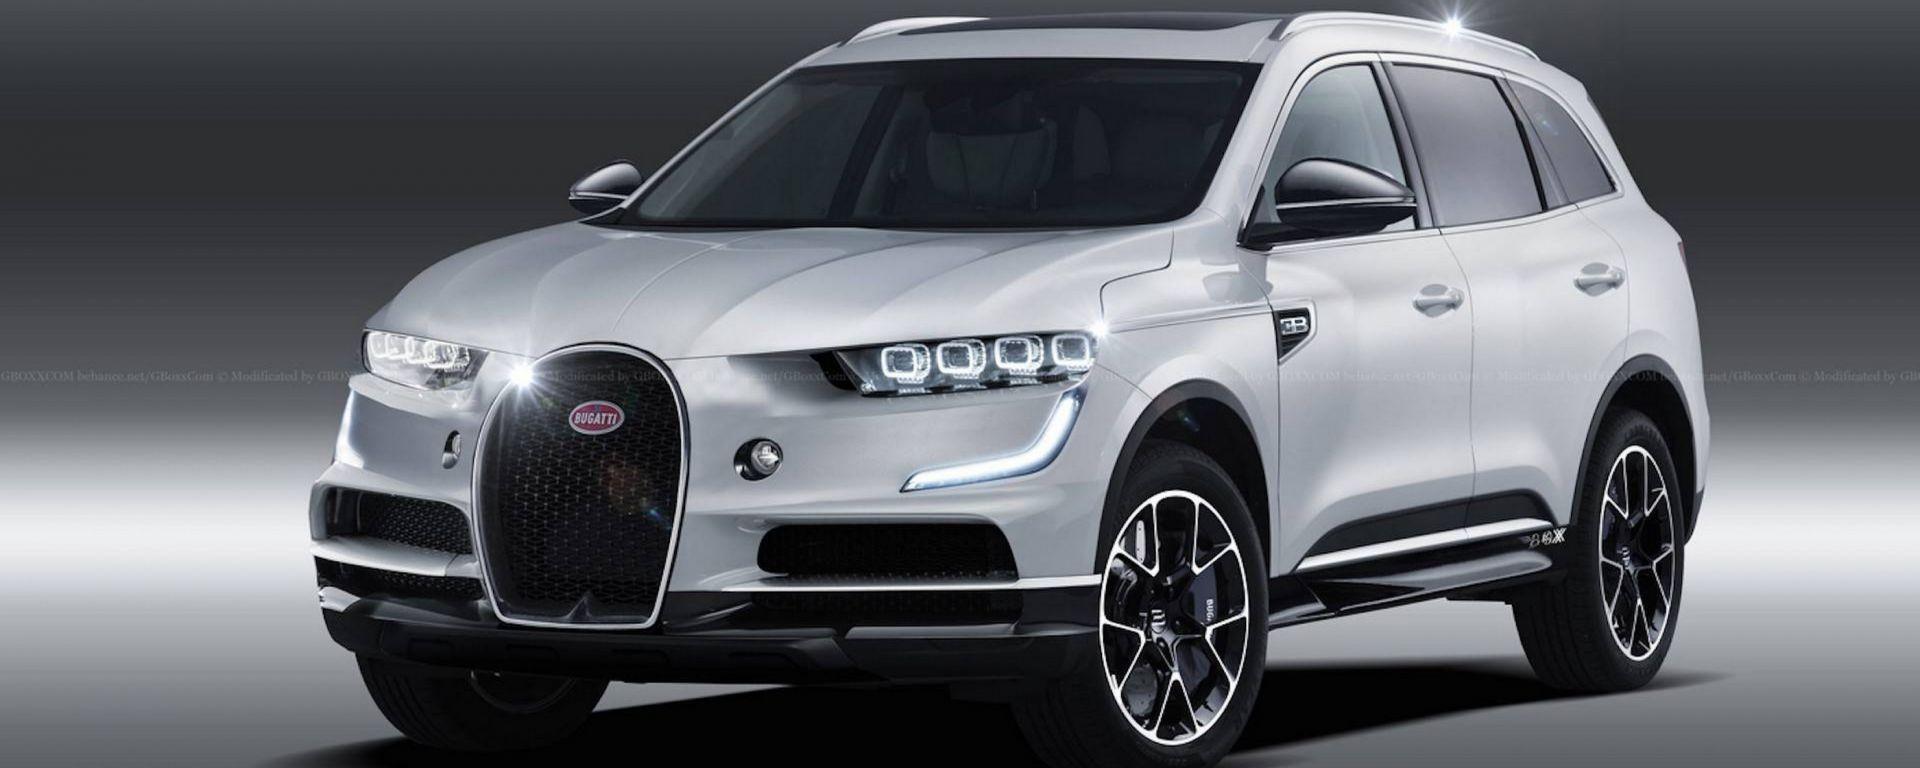 SUV Bugatti ibrido: molto più di un rumors